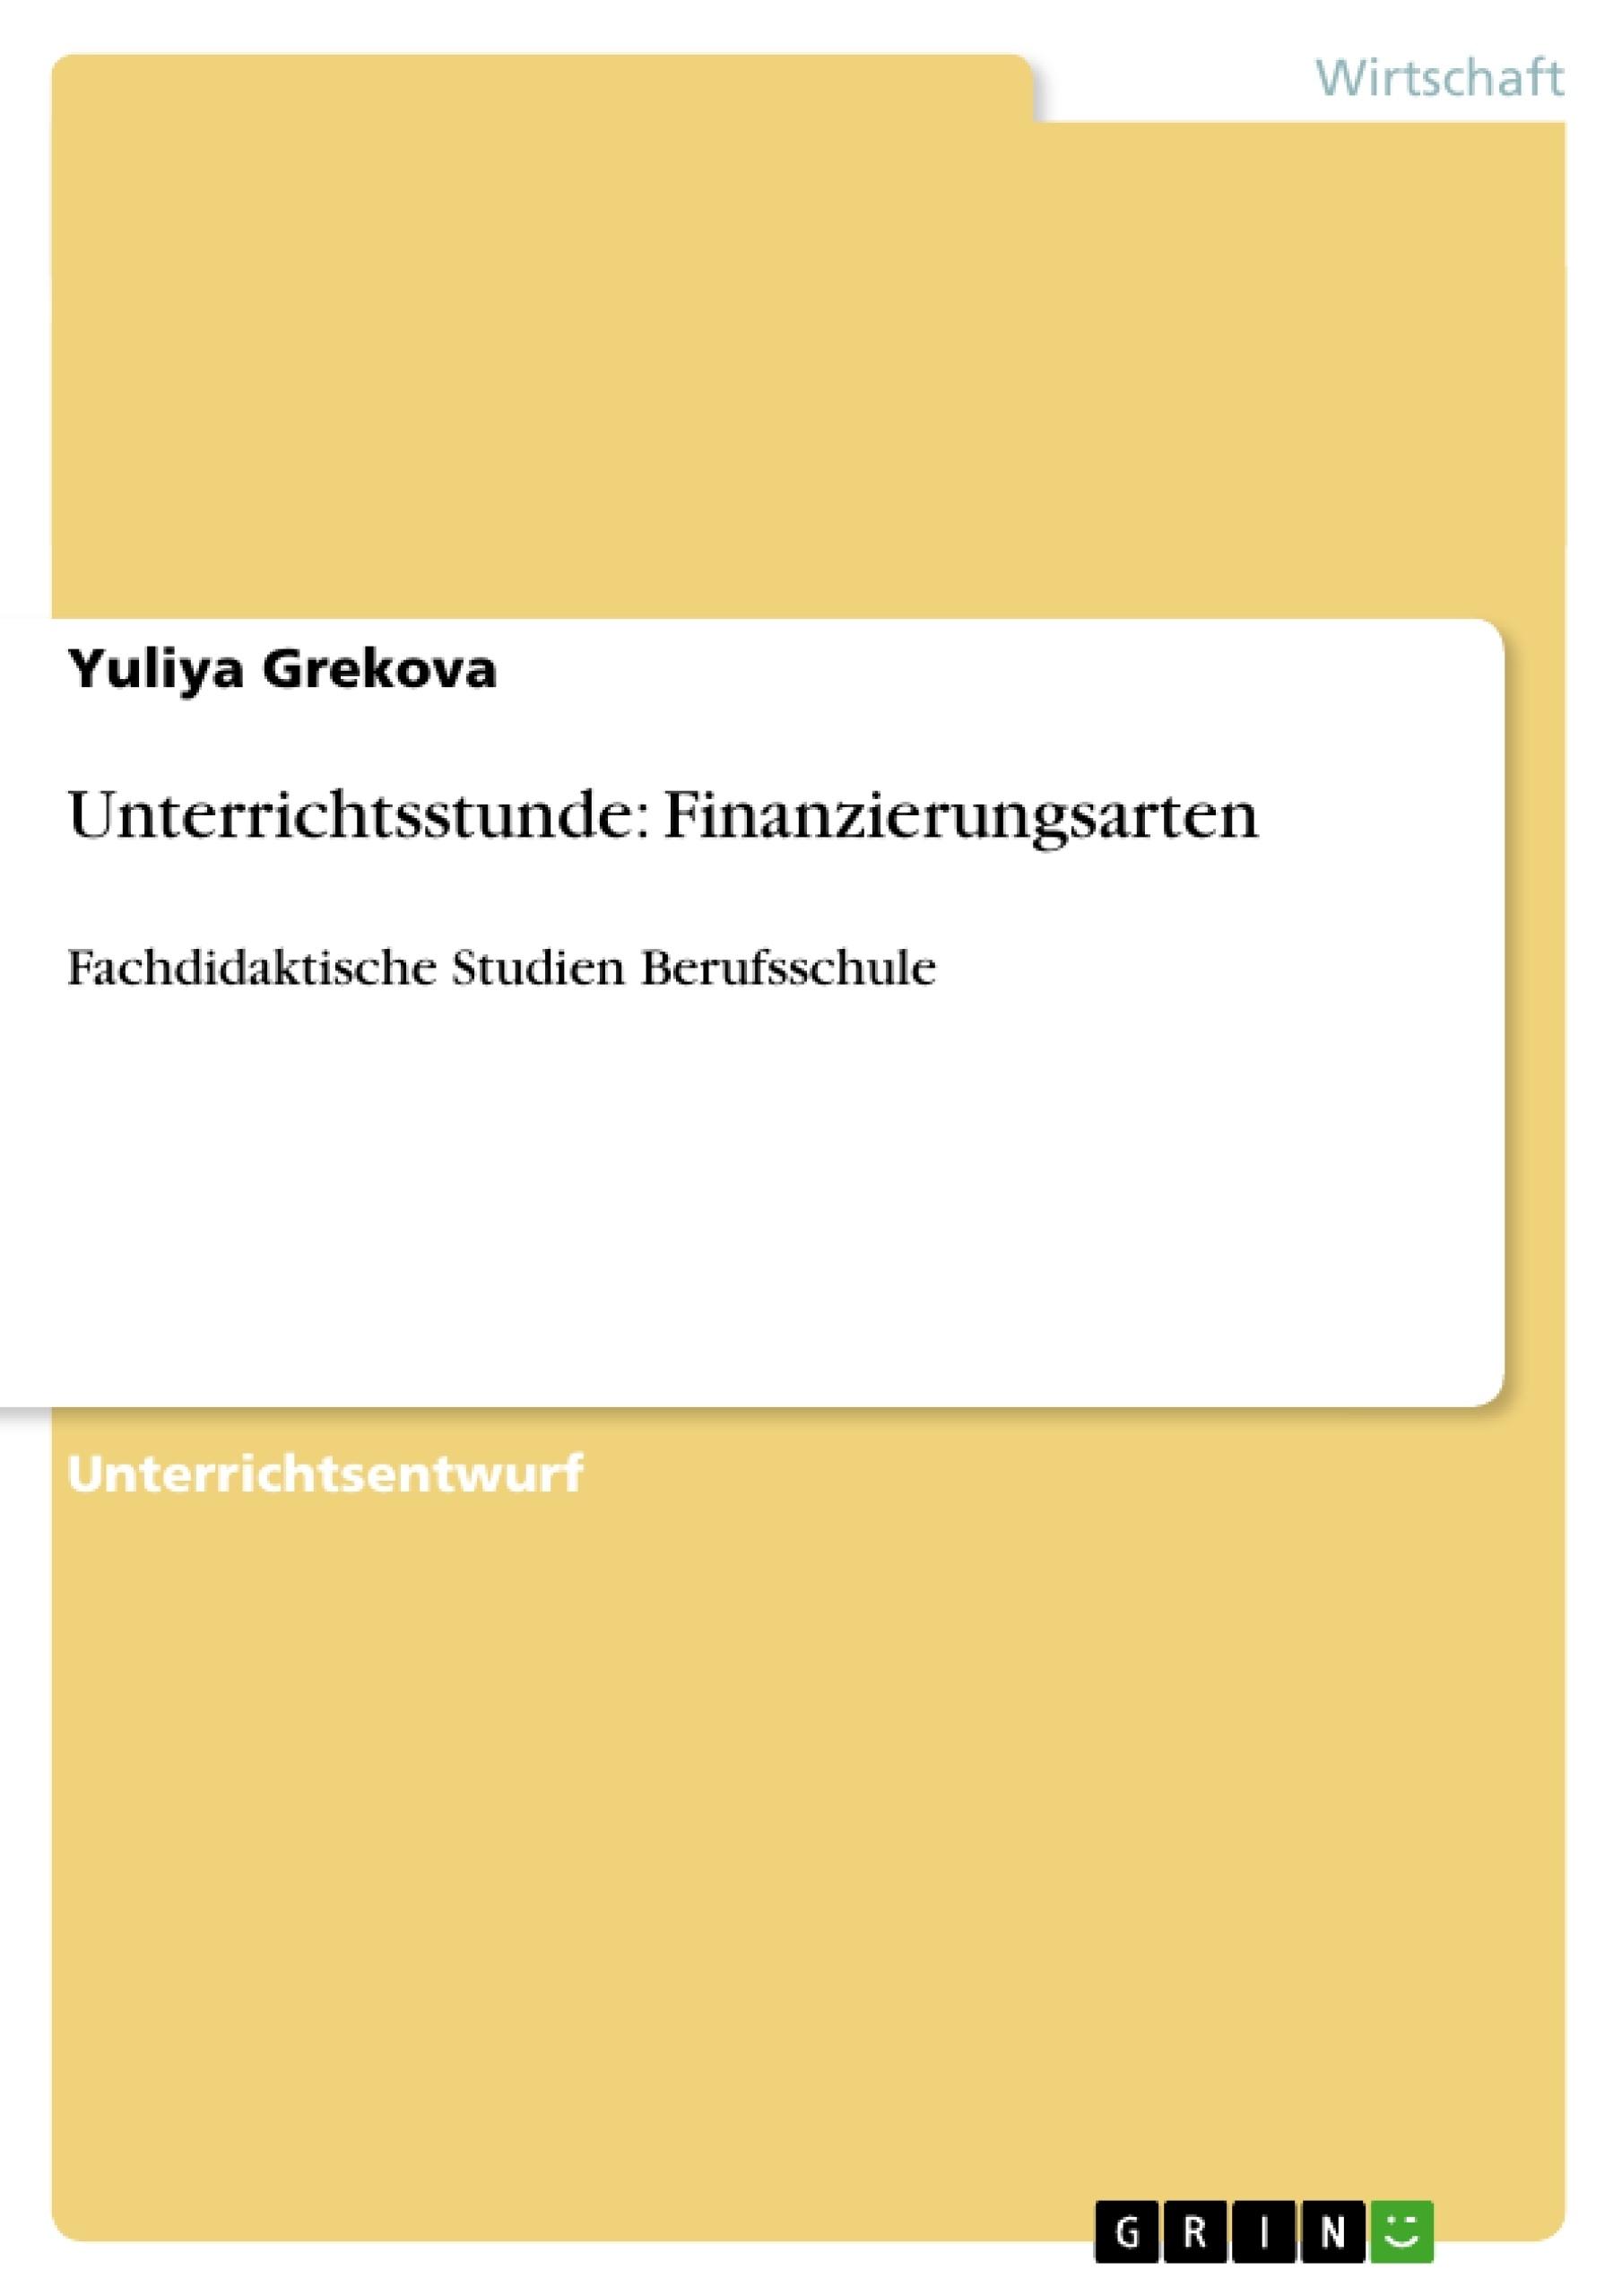 Titel: Unterrichtsstunde: Finanzierungsarten